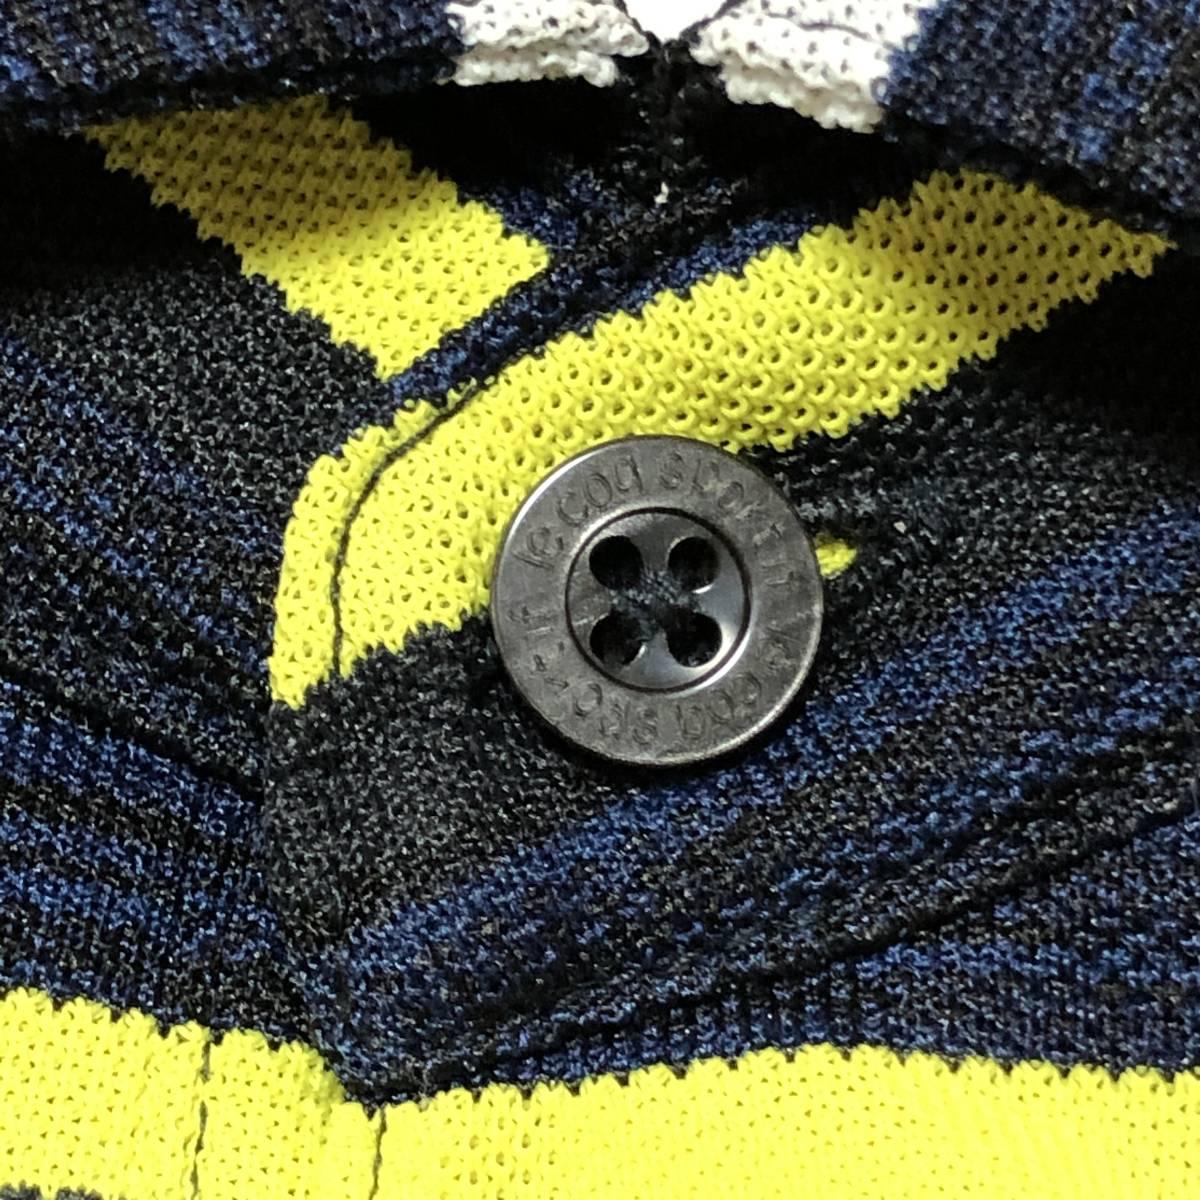 【le coq sportif golf】ルコック ゴルフ ゴルフウェア ポロシャツ 半袖 メンズ Mサイズ 送料無料!_画像6